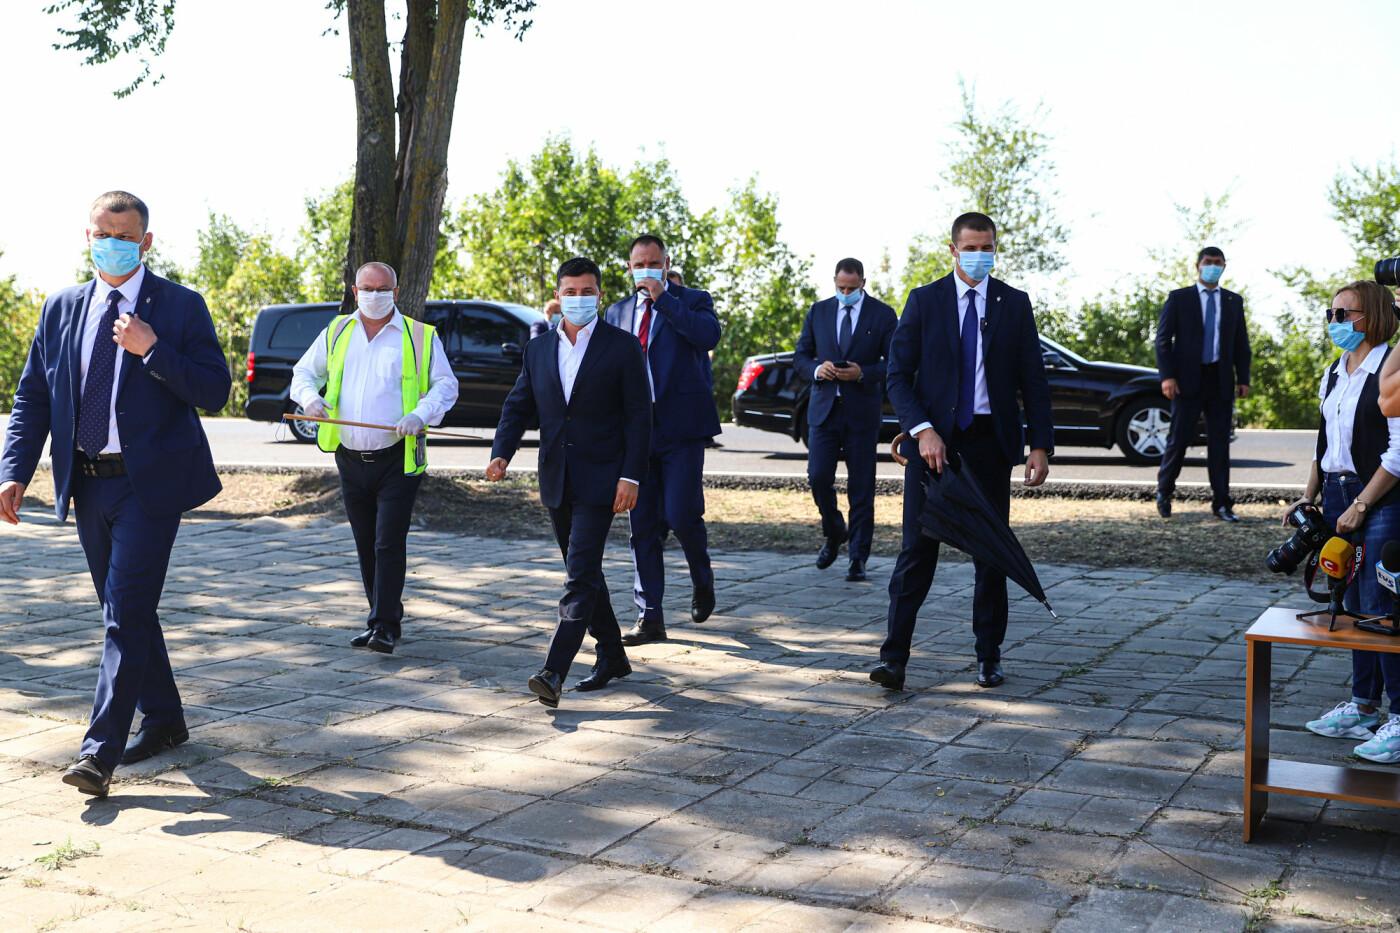 Визит Зеленского в Запорожье в фотографиях и высказываниях, фото-9